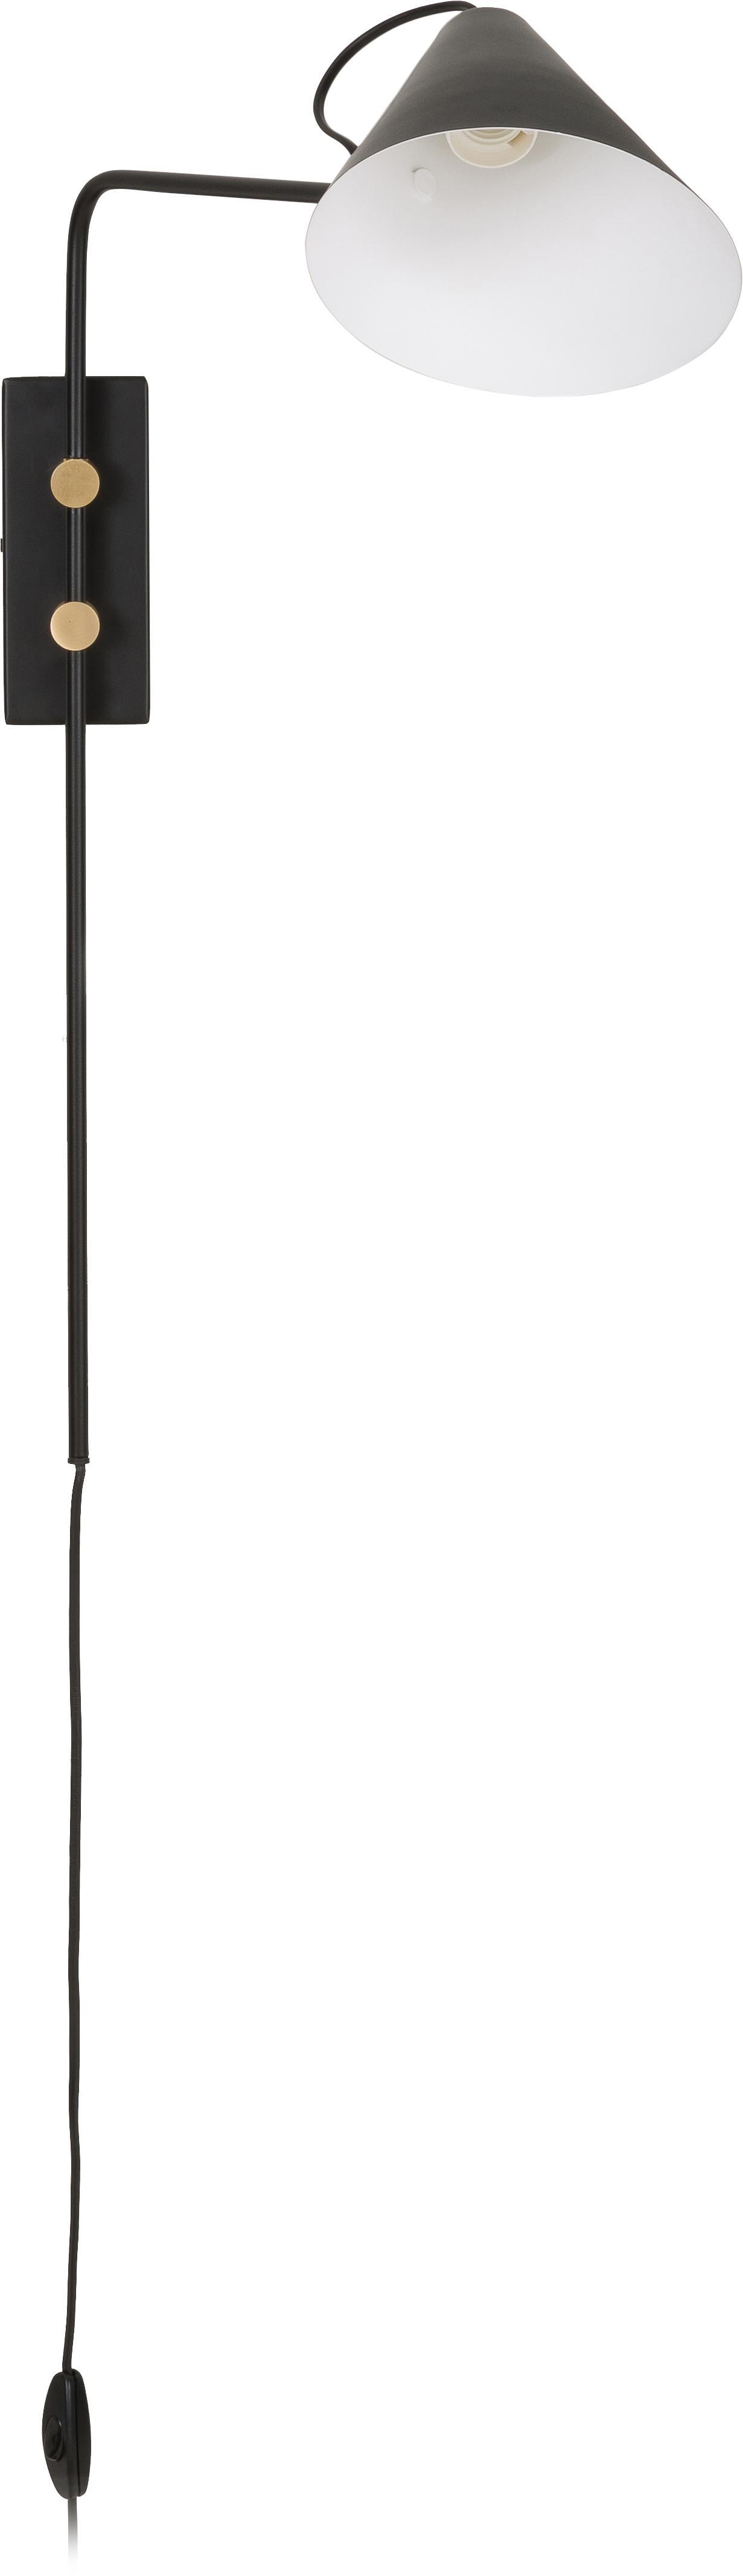 Wandleuchte Club mit Stecker, Leuchte: Eisen, pulverbeschichtet, Leuchte: Schwarz<br>Details: Messing, 20 x 62 cm